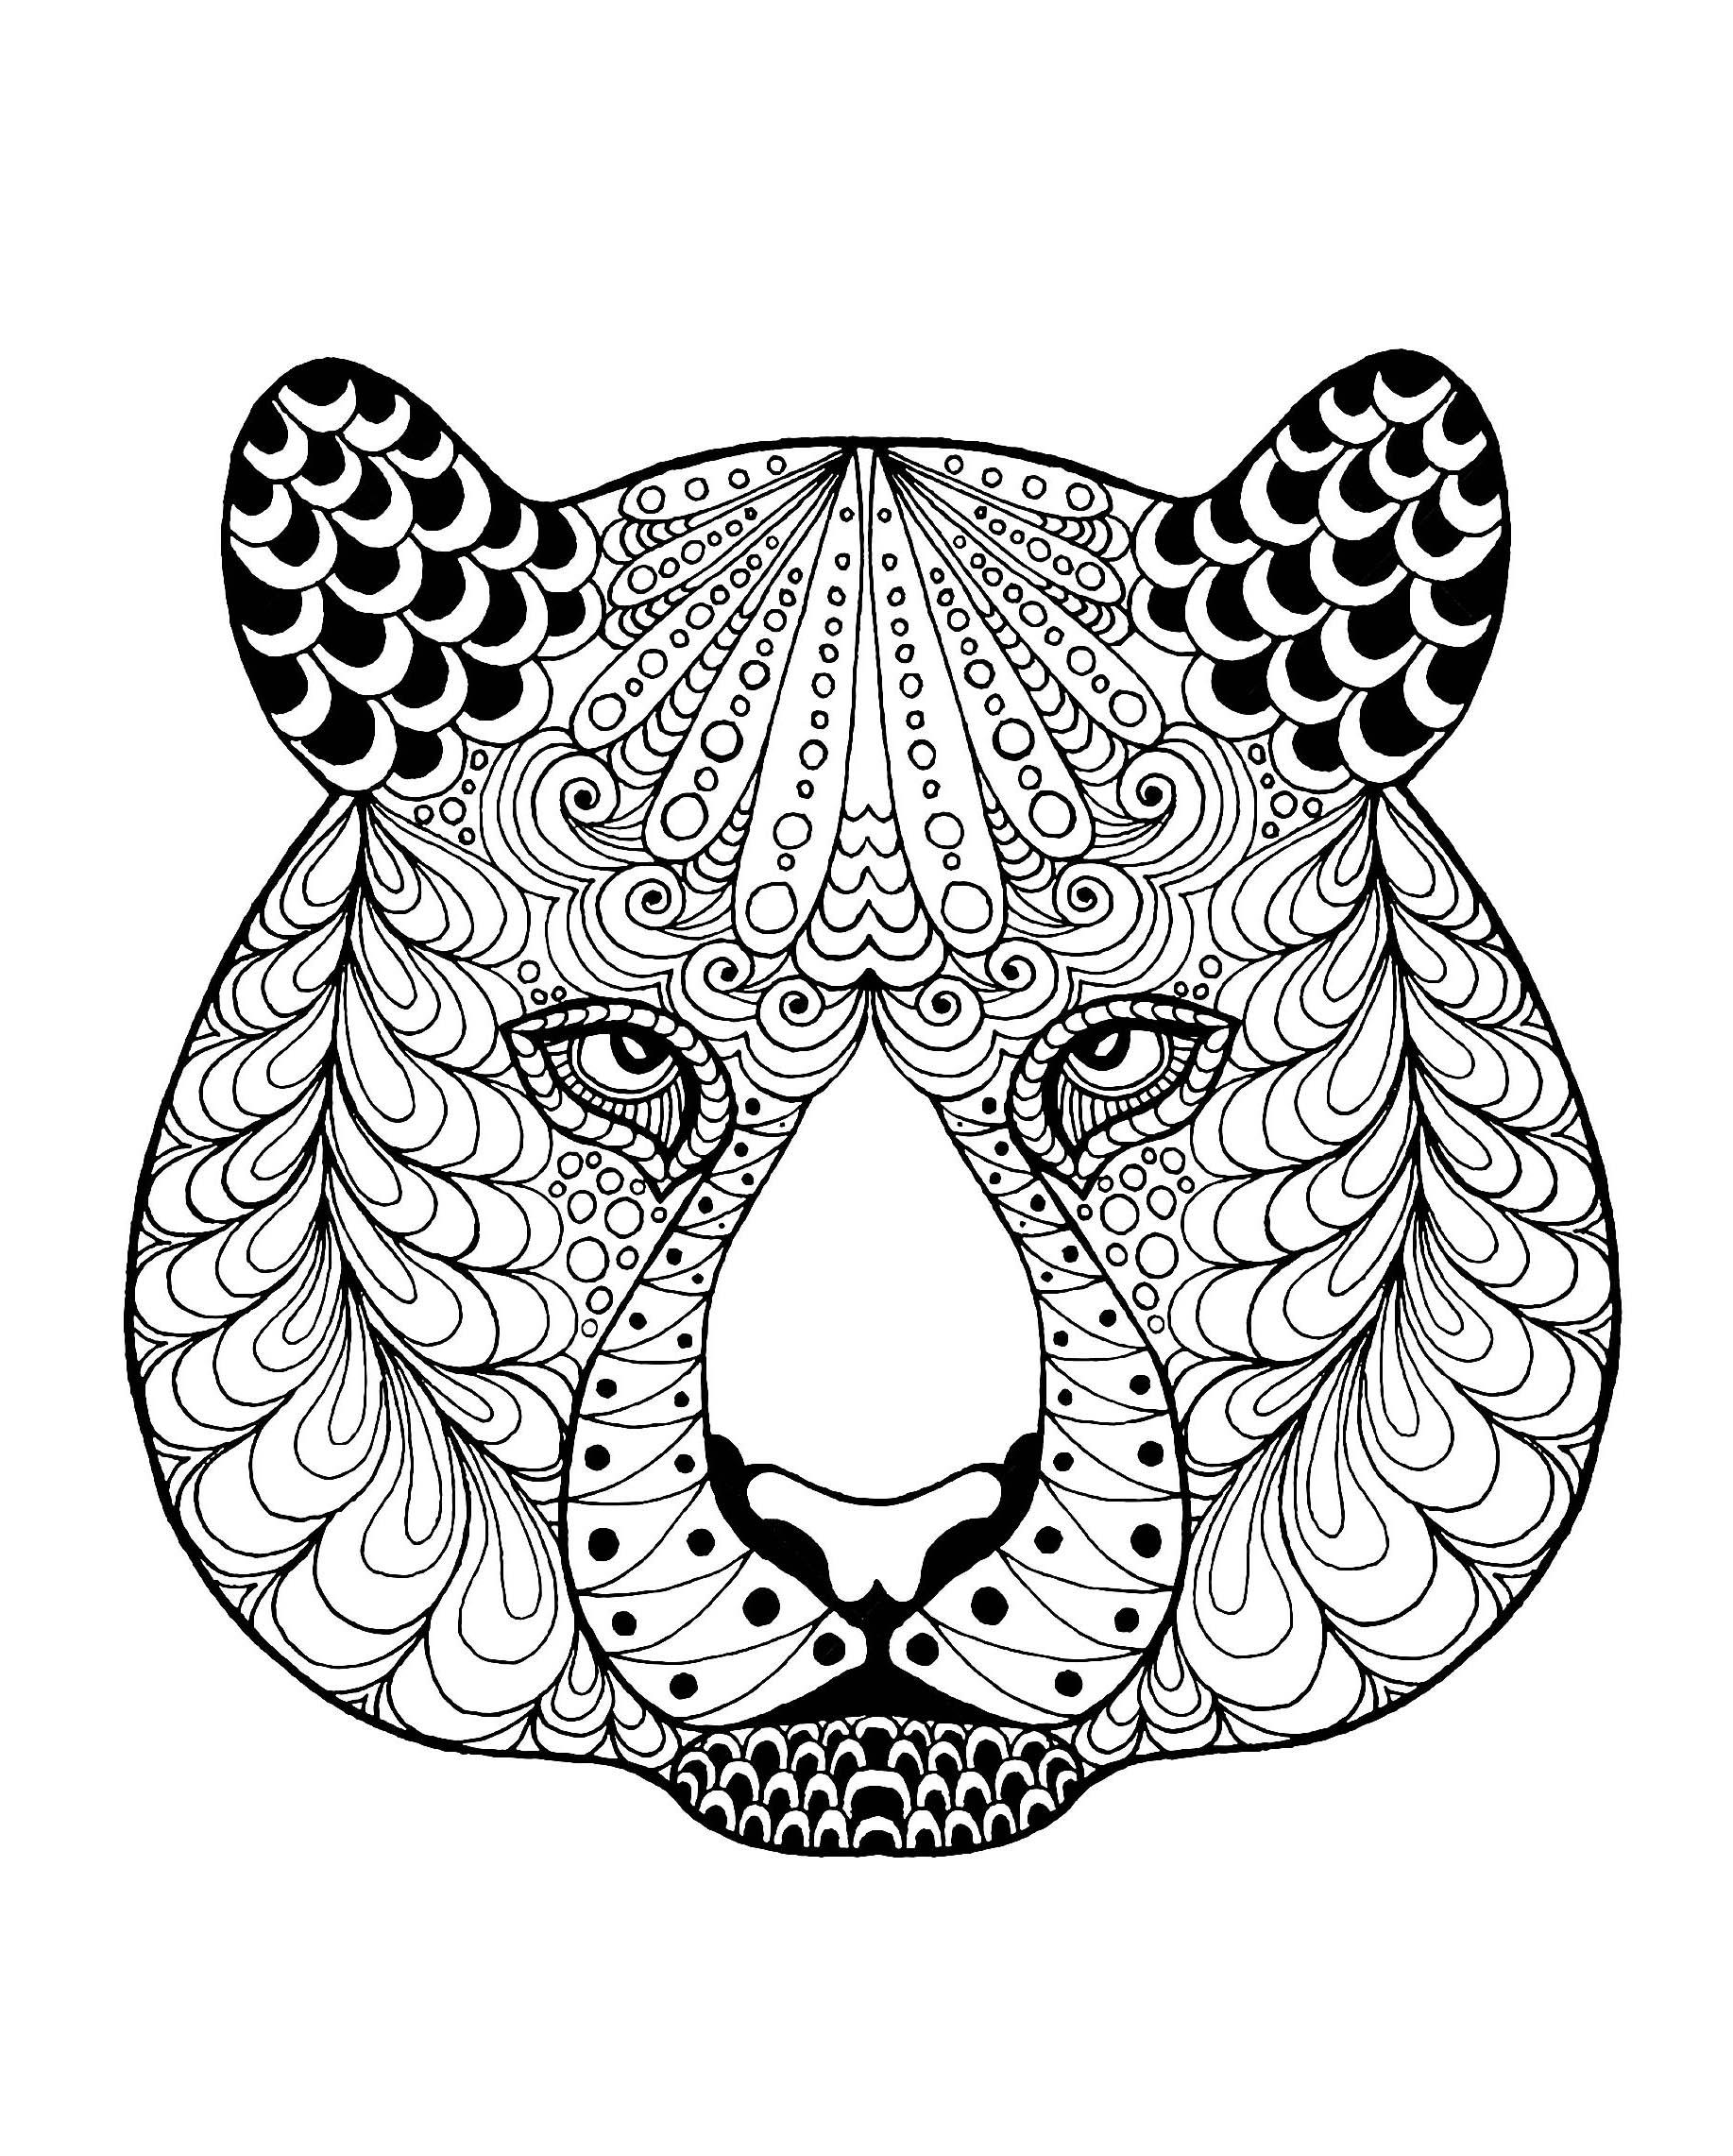 Coloriage De Tigre À Telecharger Gratuitement - Coloriage tout Mandalas De Tigres